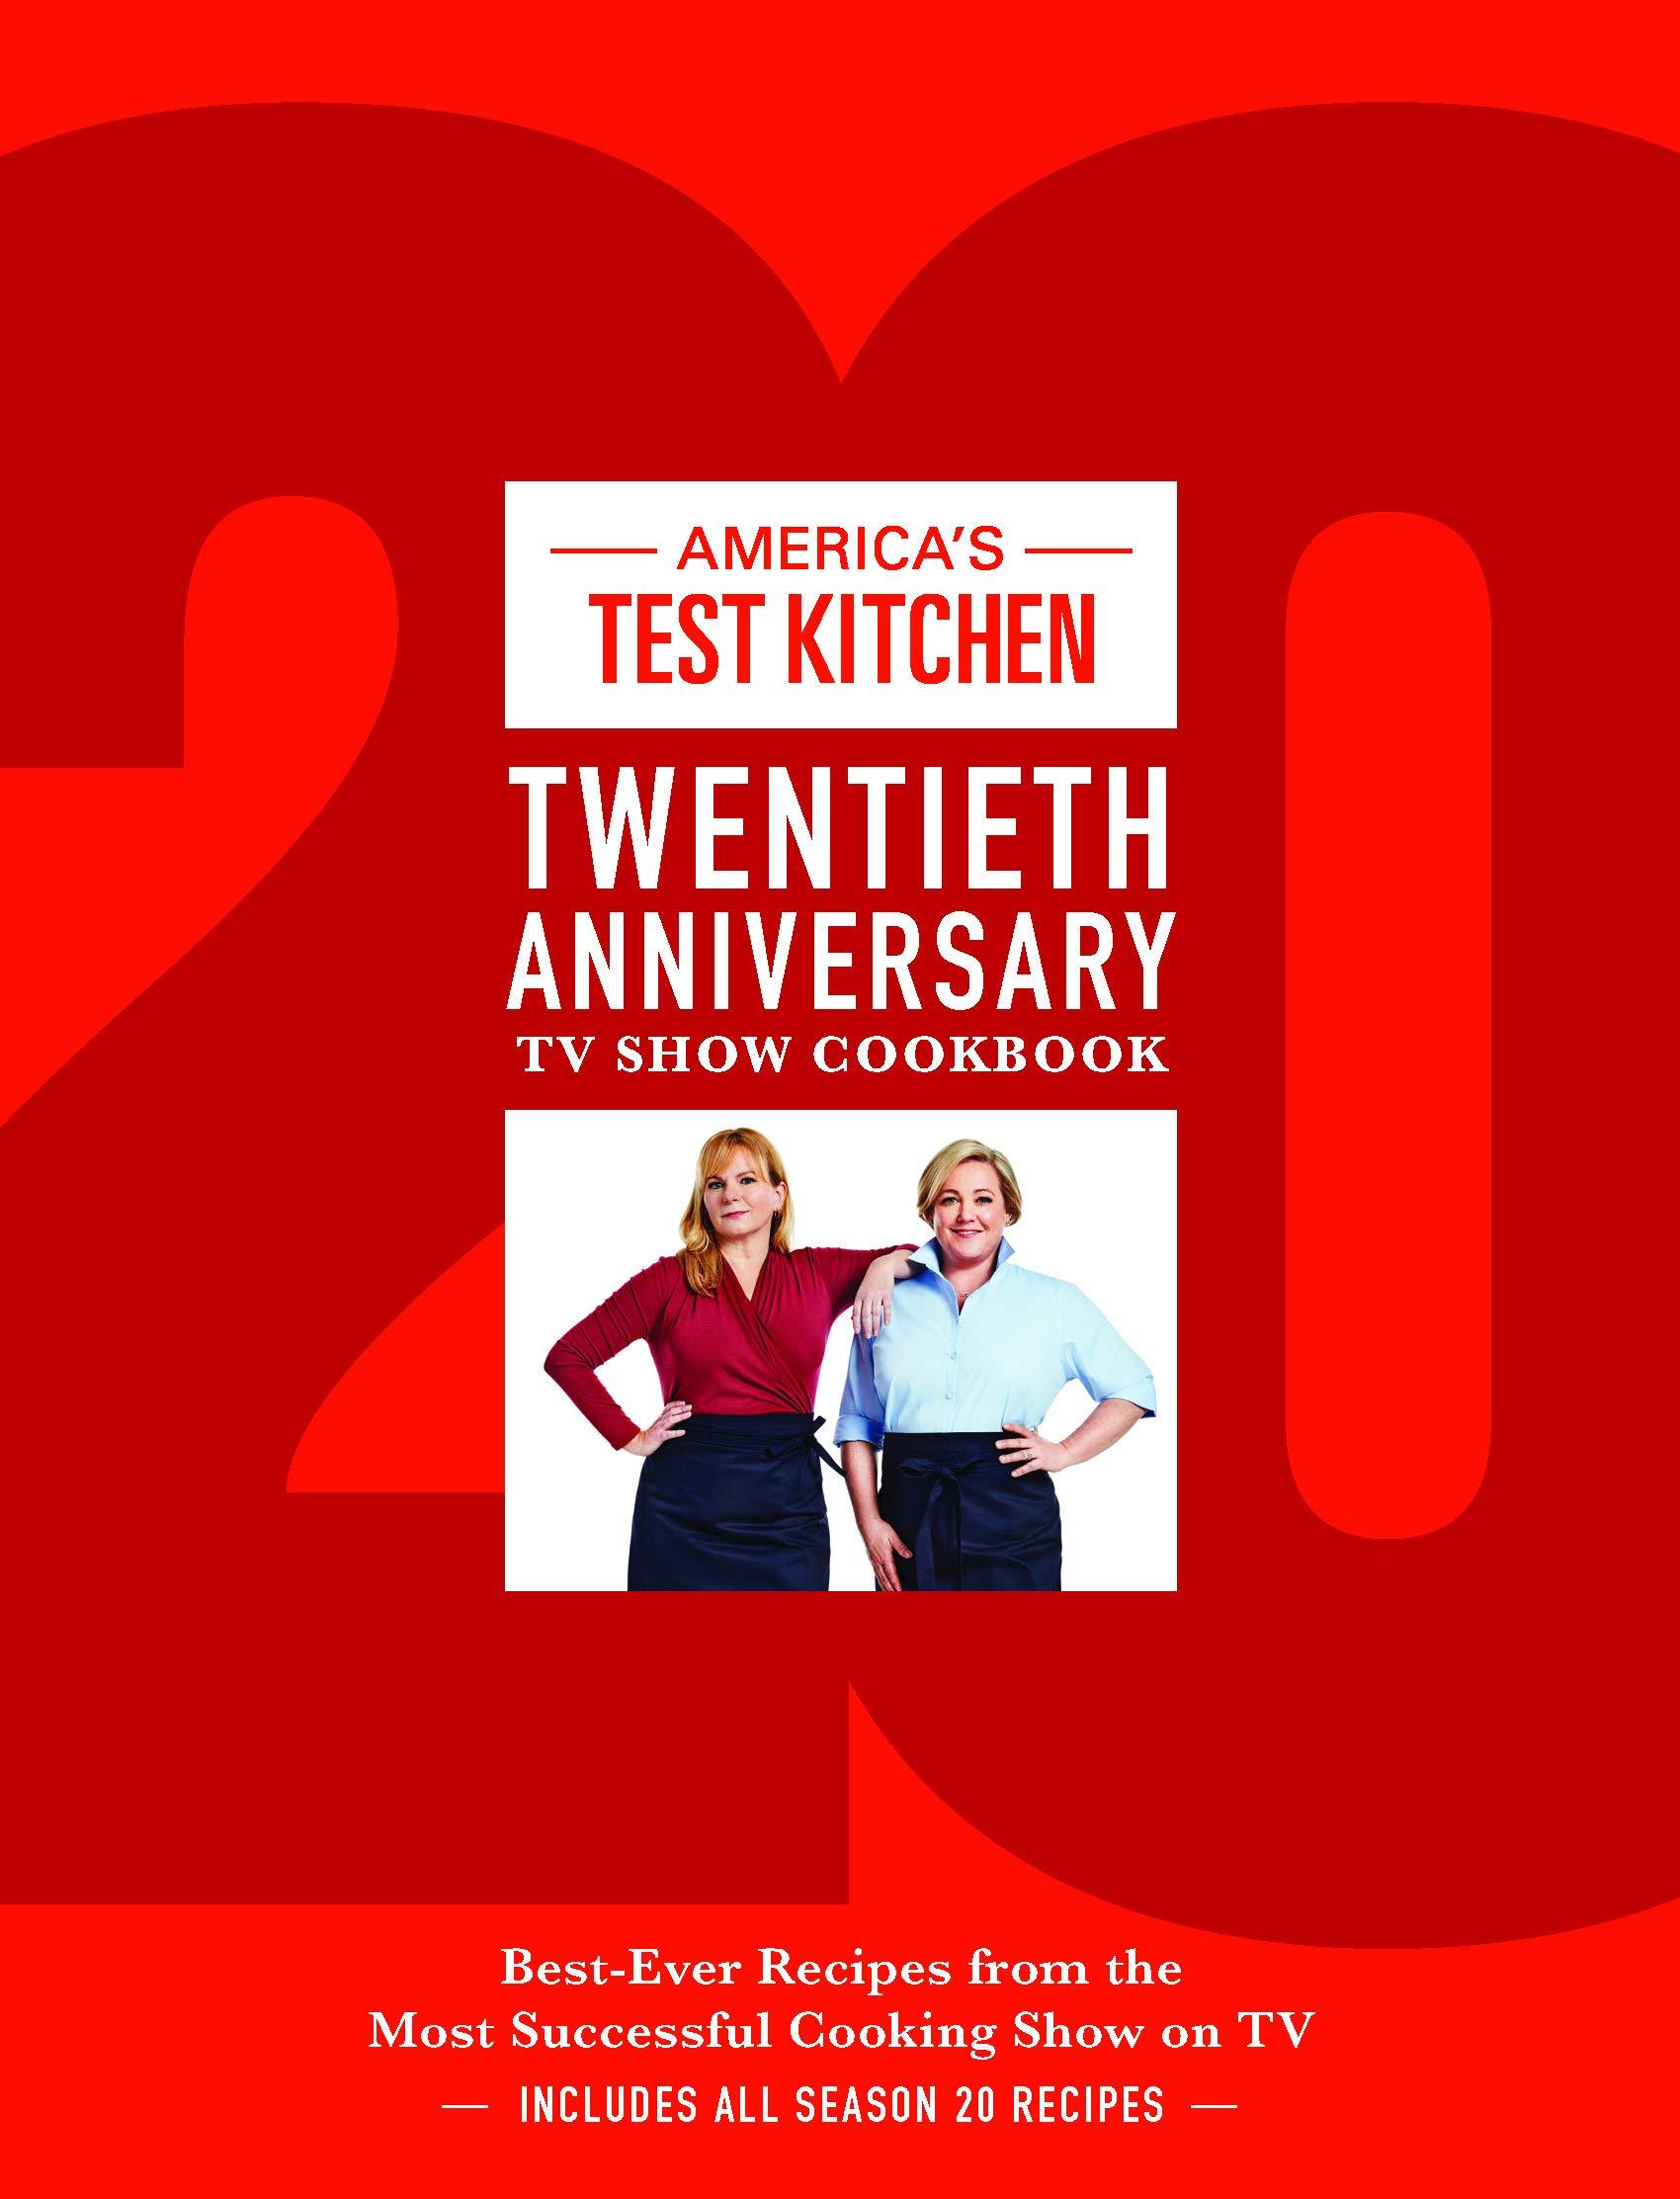 5b35346b5 America's Test Kitchen Twentieth Anniversary TV Show Cookbook: Best ...